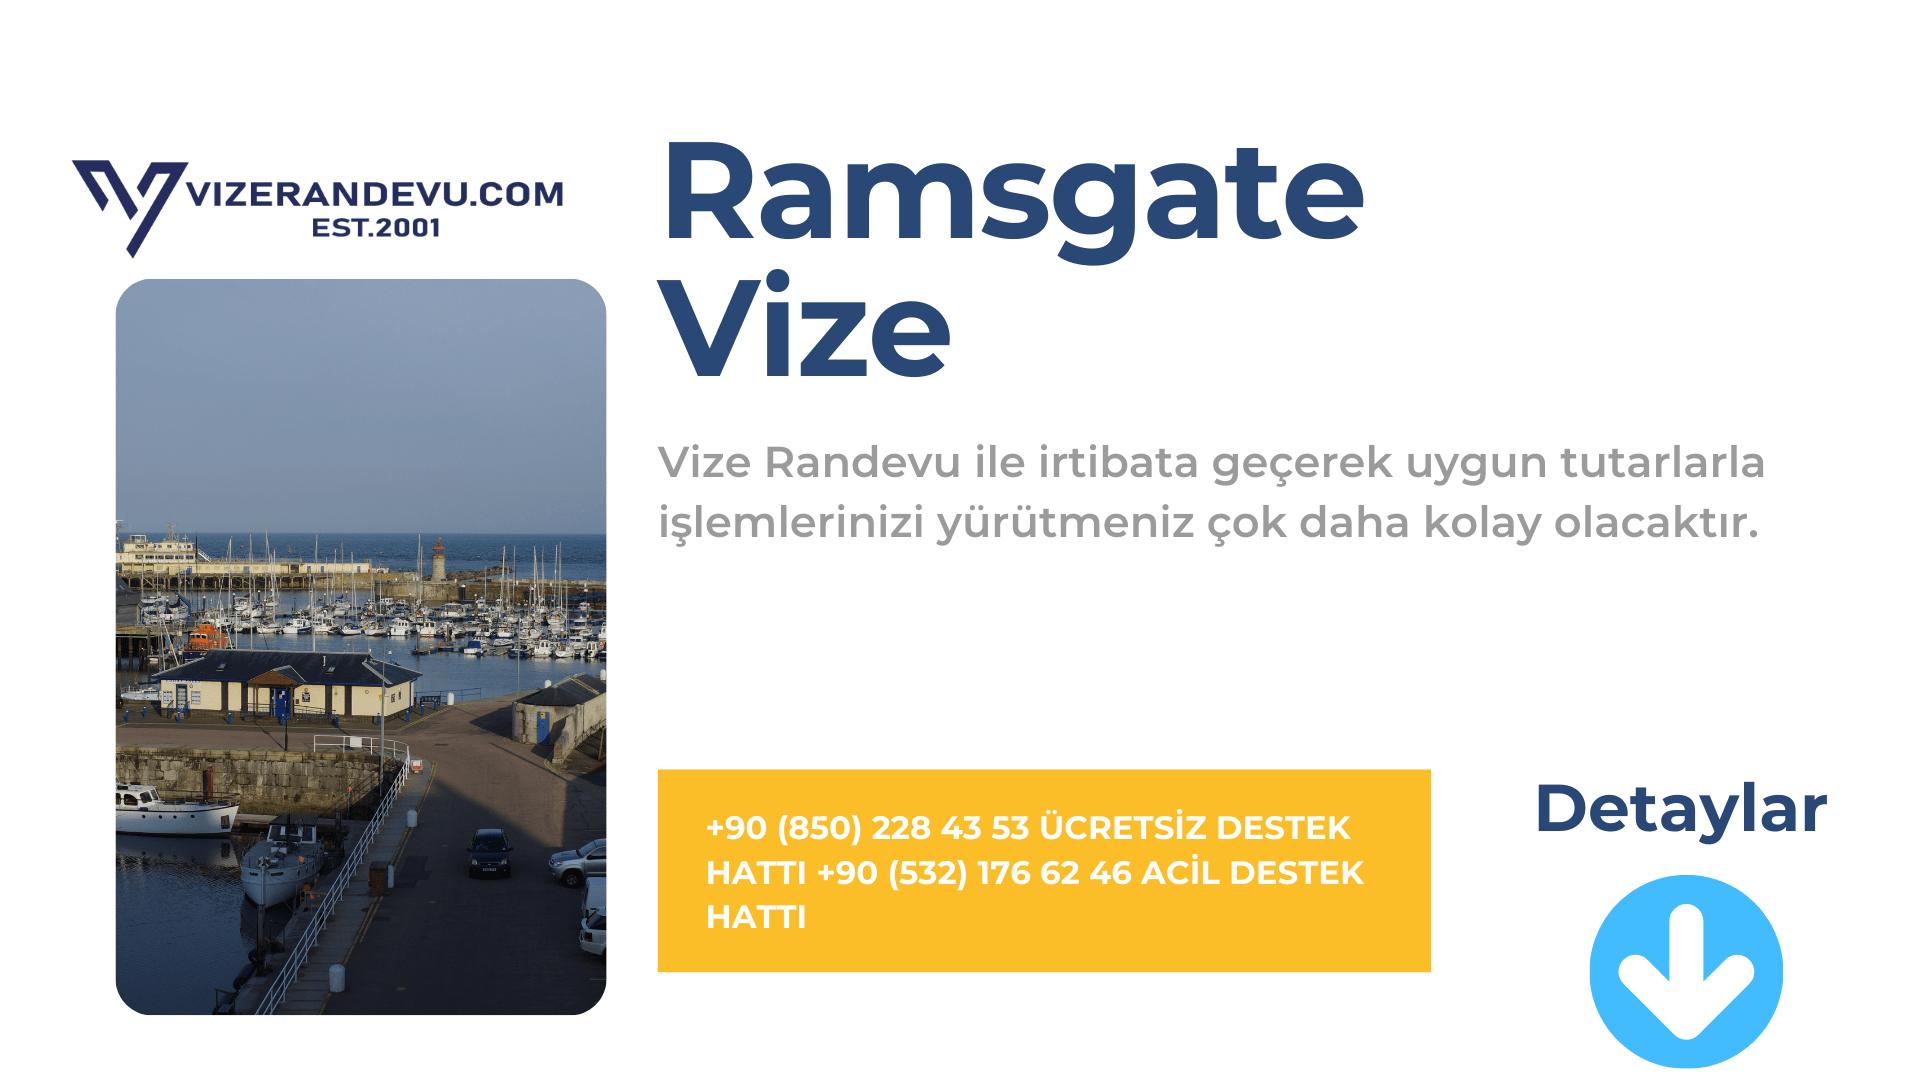 İngiltere Ramsgate Vize Başvurusu